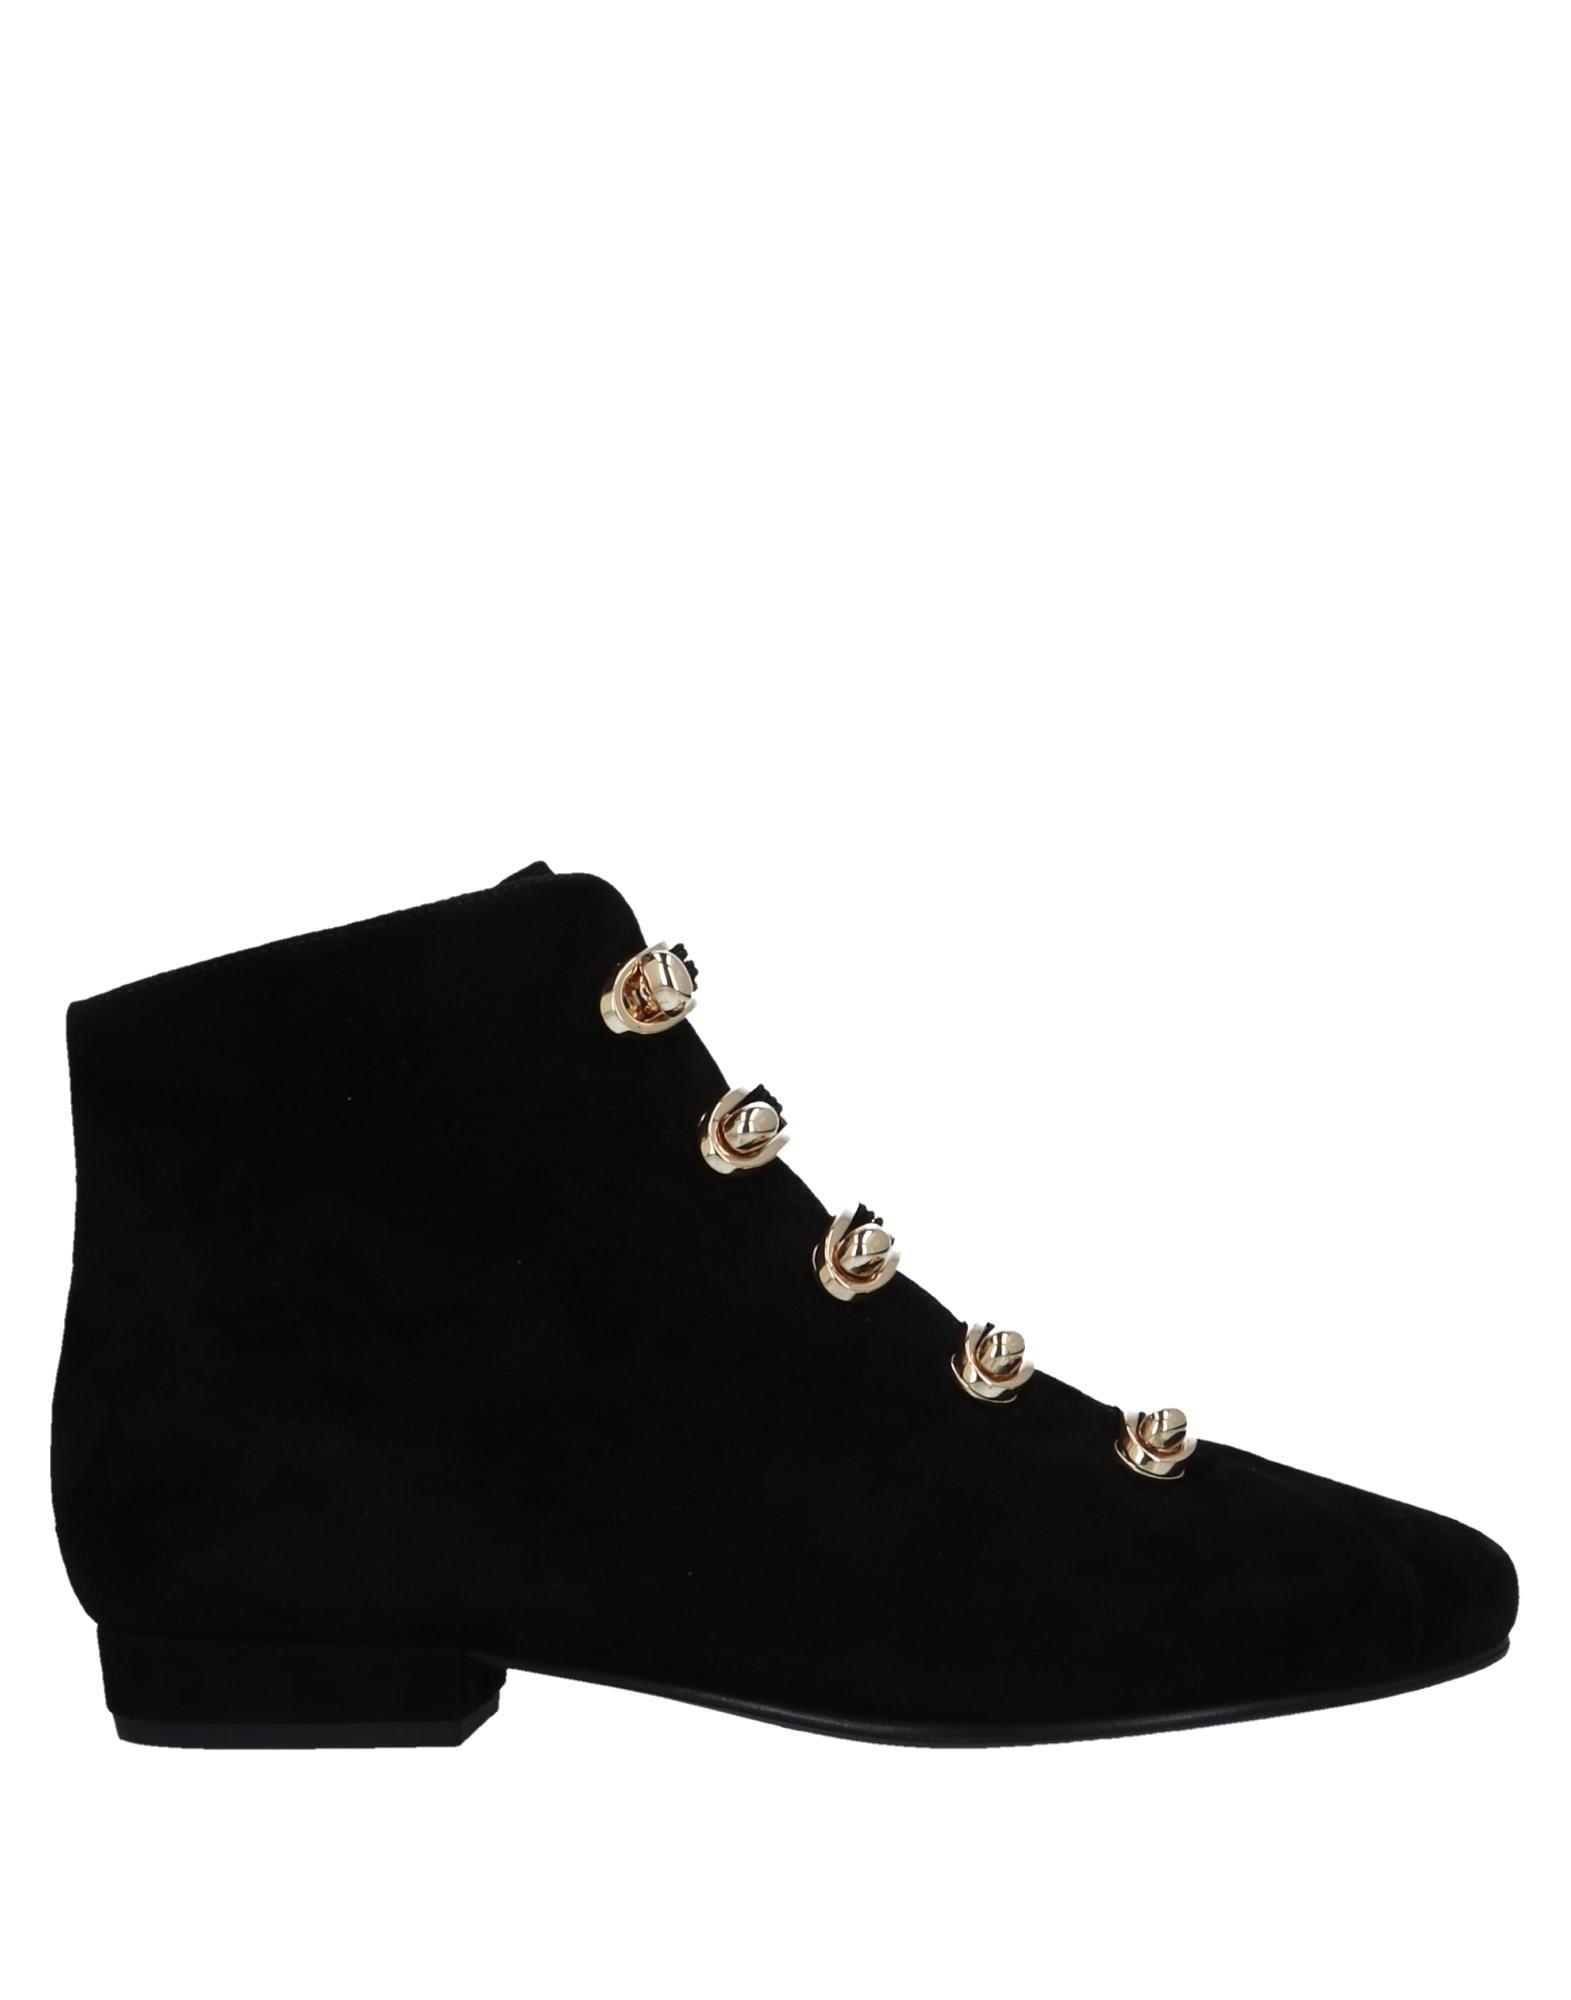 Bottine Stella Luna Femme - Bottines Stella Luna Noir Nouvelles chaussures pour hommes et femmes, remise limitée dans le temps